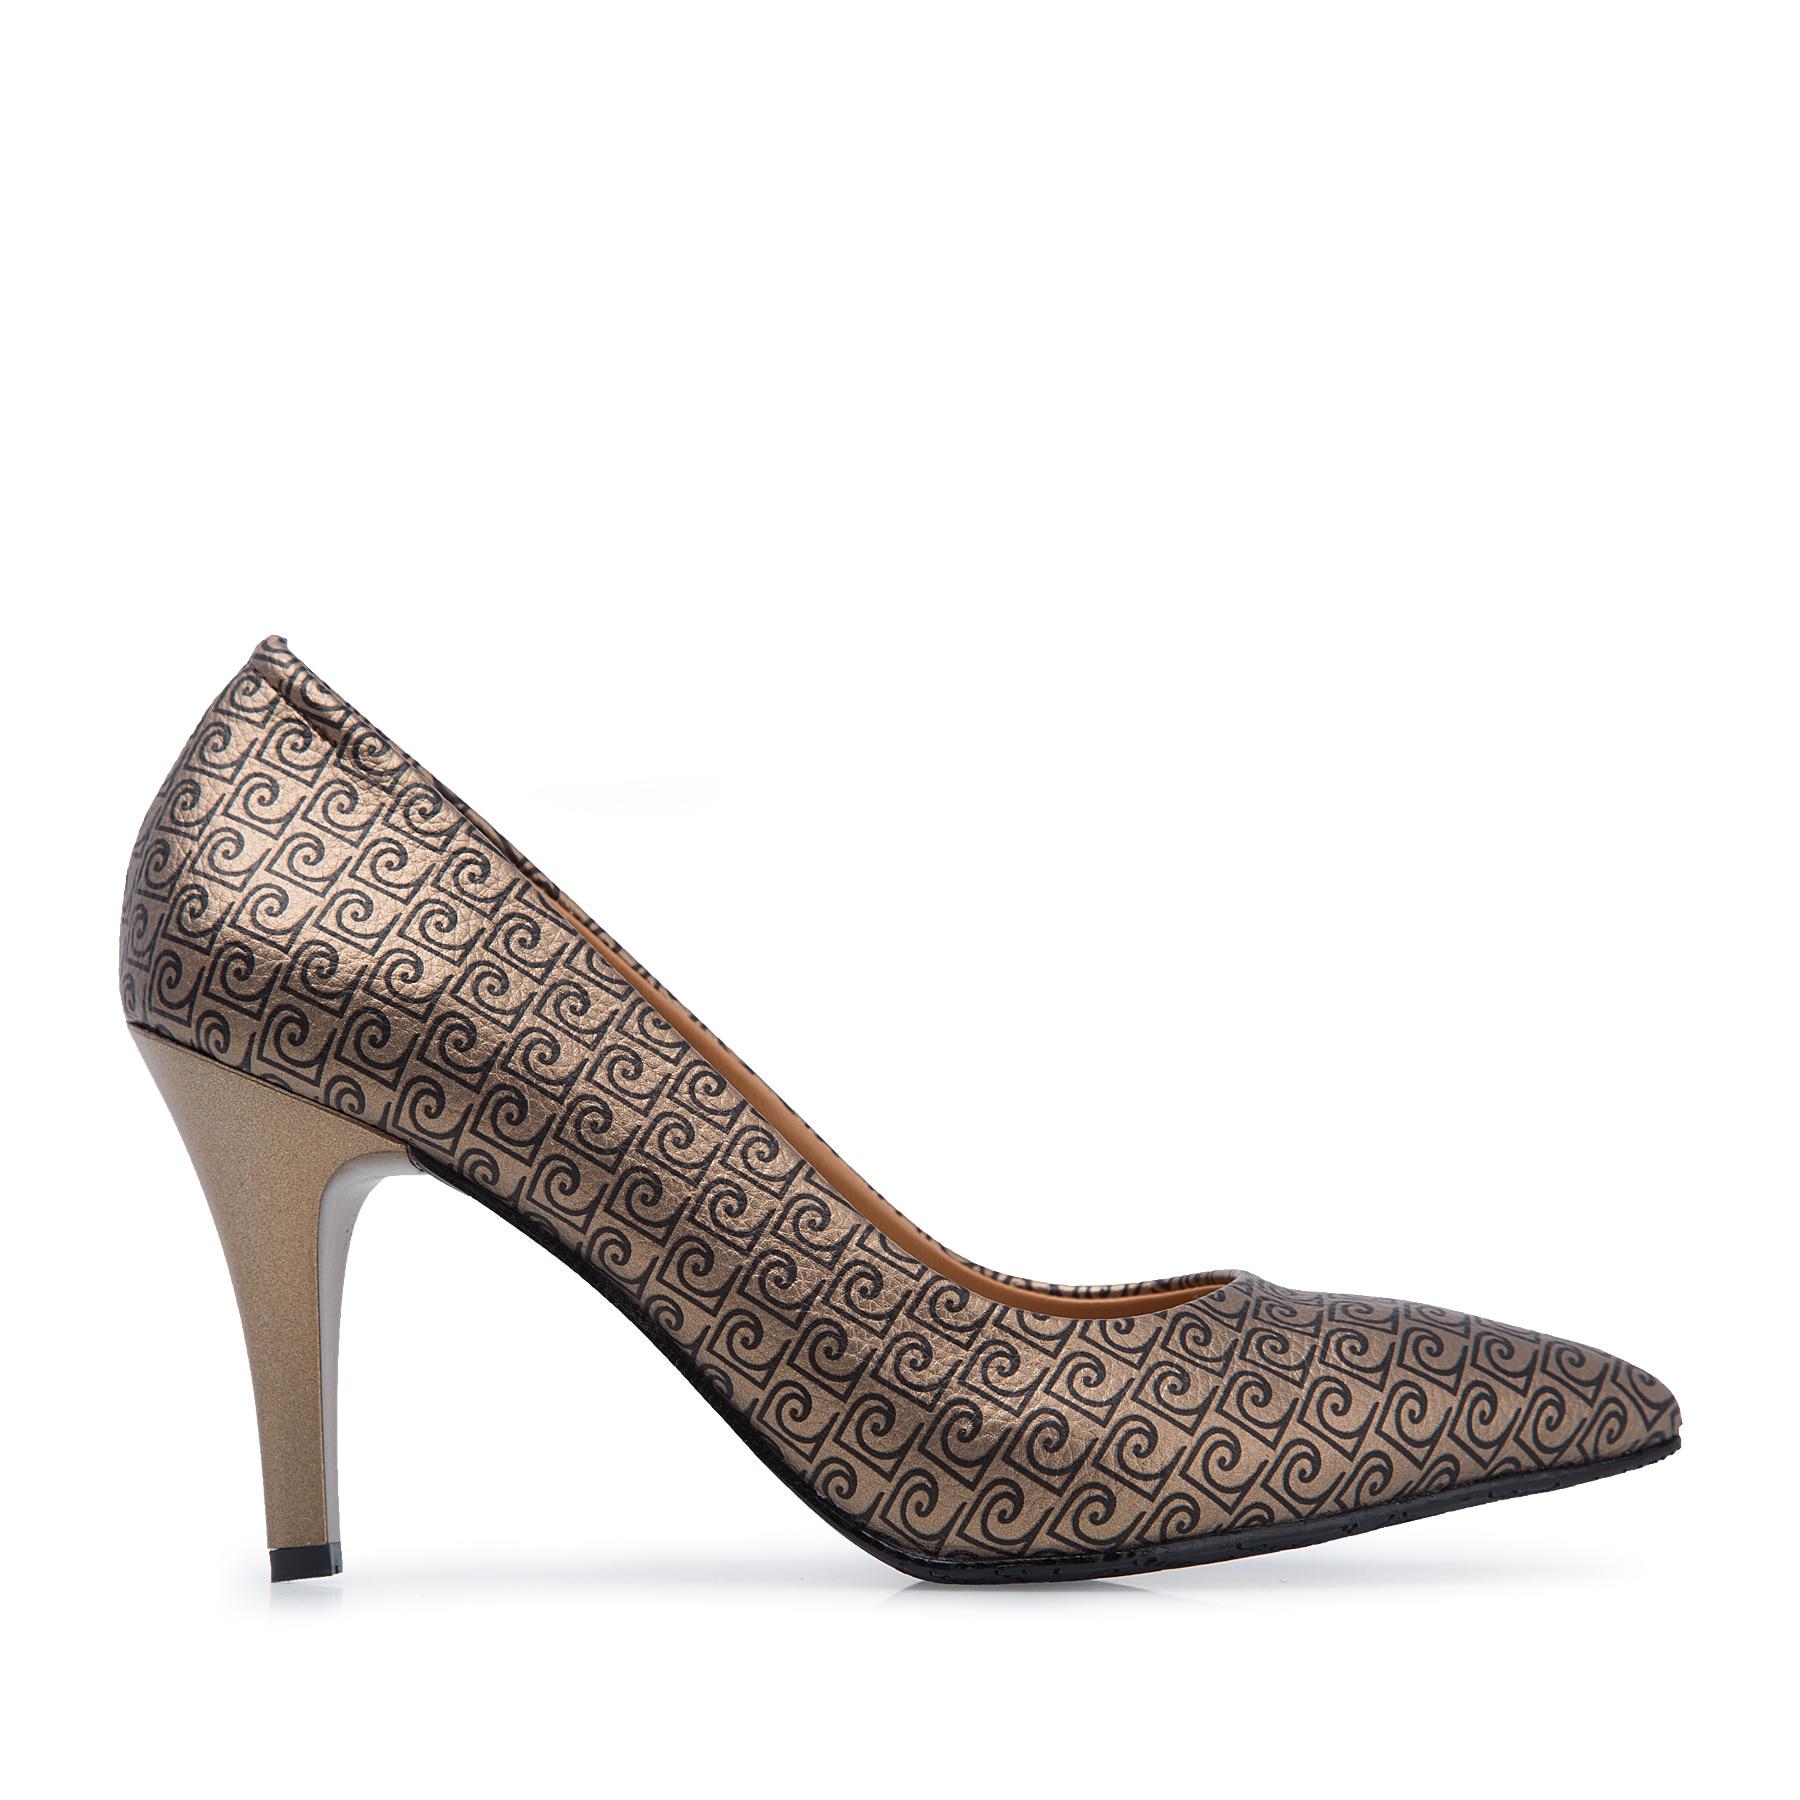 Pierre Cardin Heels Shoes WOMEN SHOES 38556008